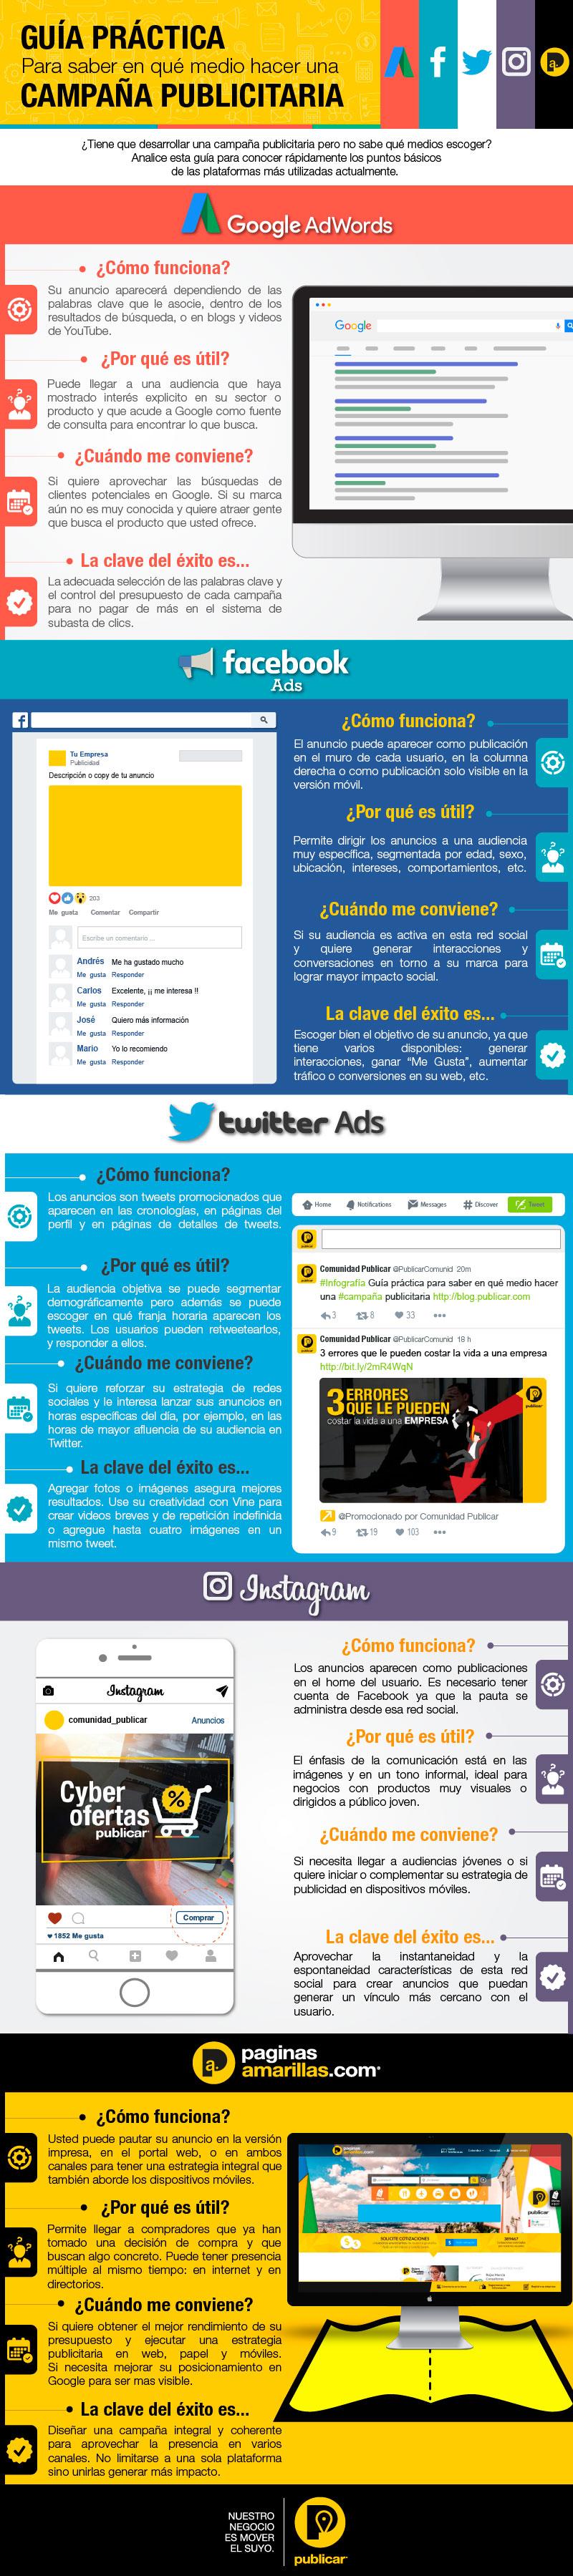 Guía práctica para elegir medio para campaña publicitaria